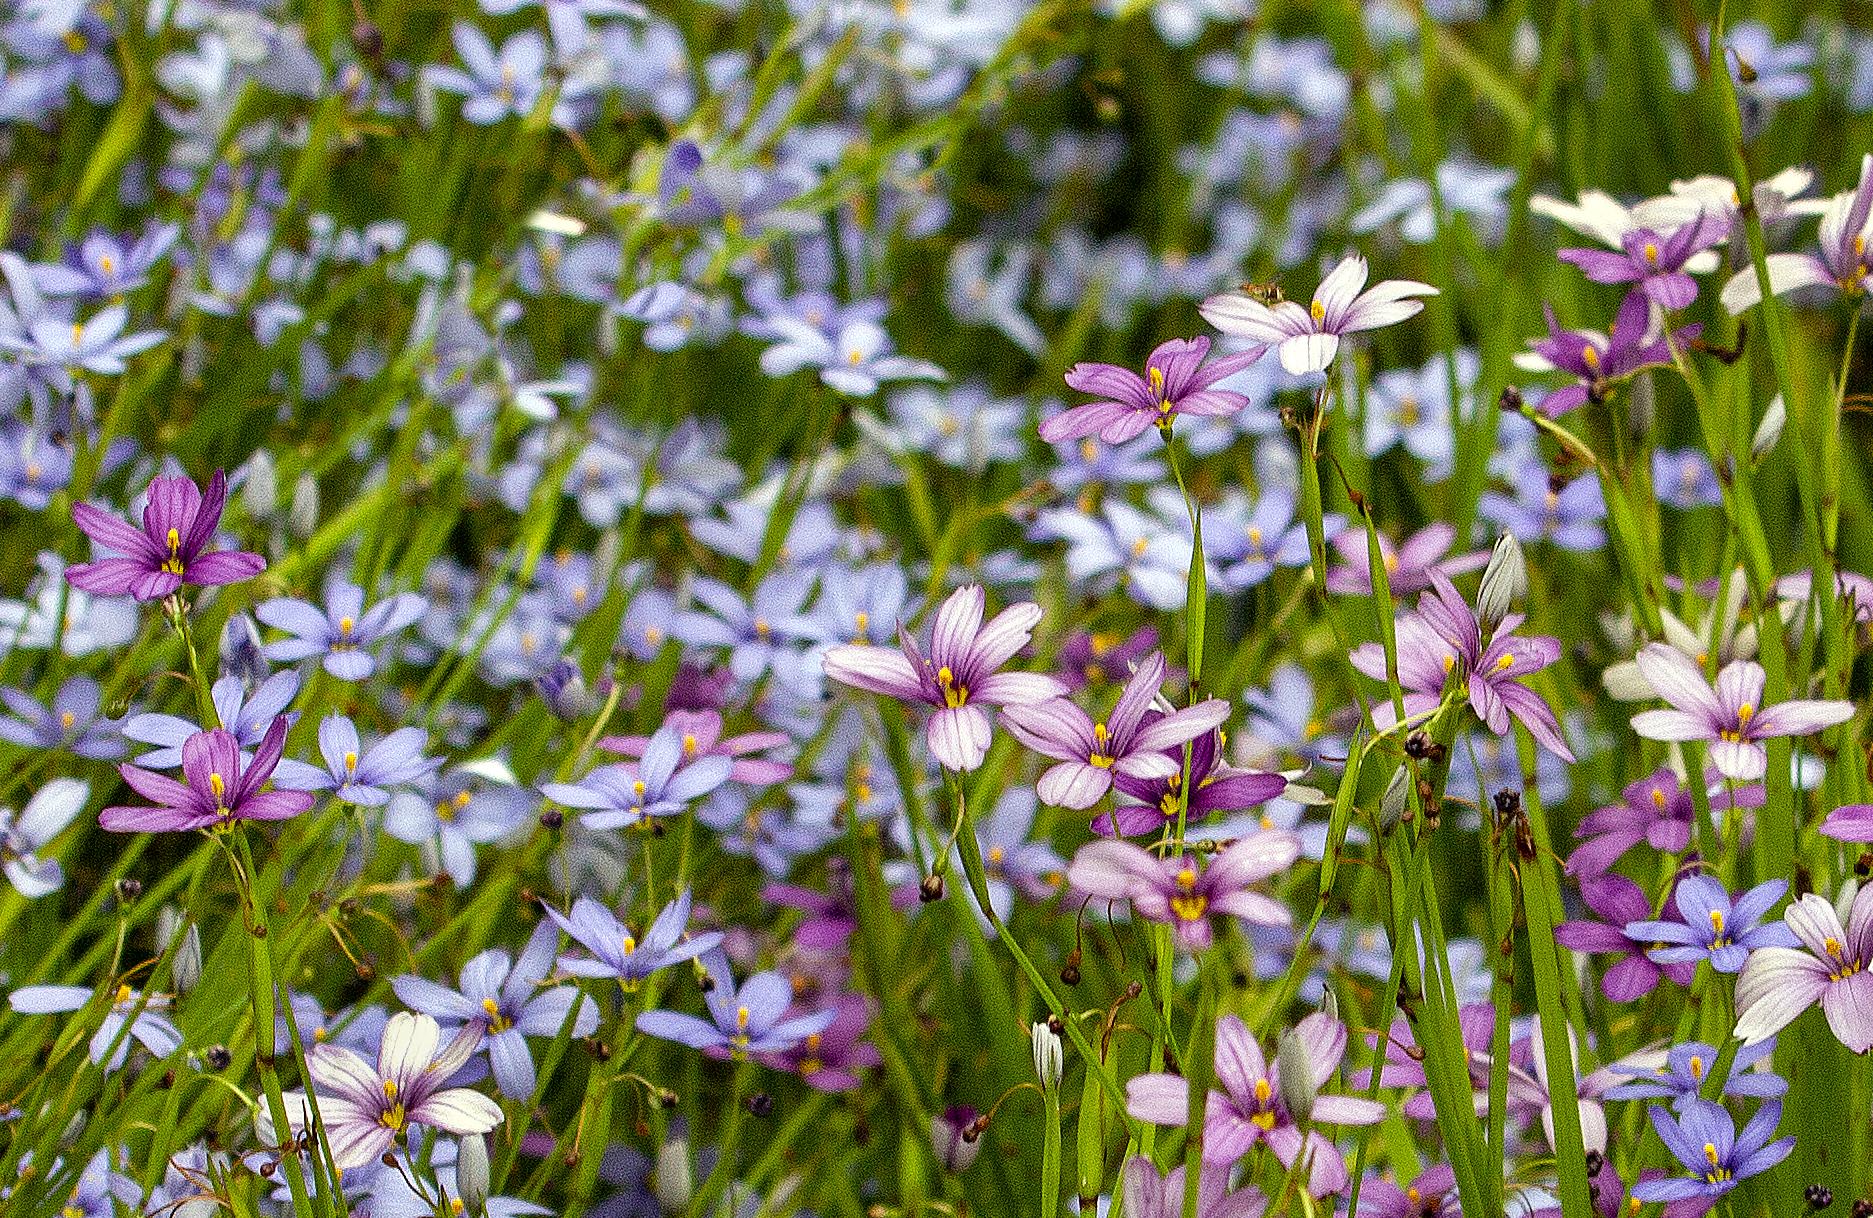 JimSquires_Flowers_1.jpg